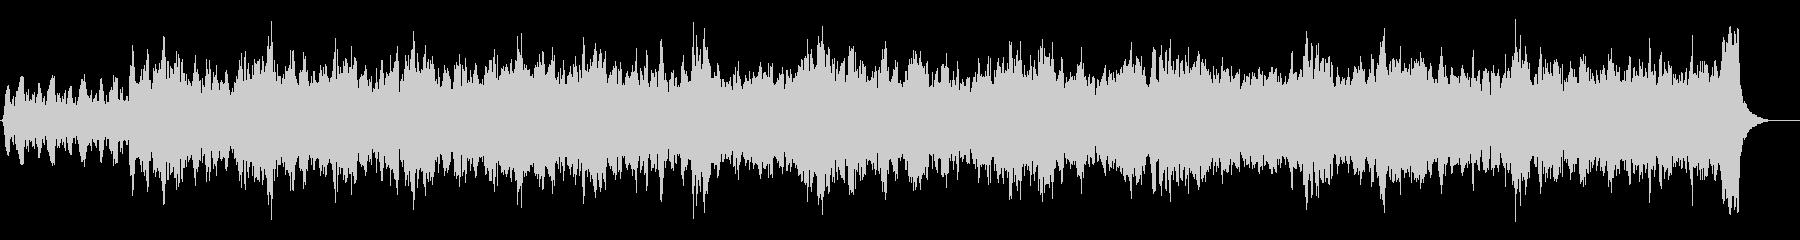 中世バロック調のワルツの弦楽合奏曲の未再生の波形